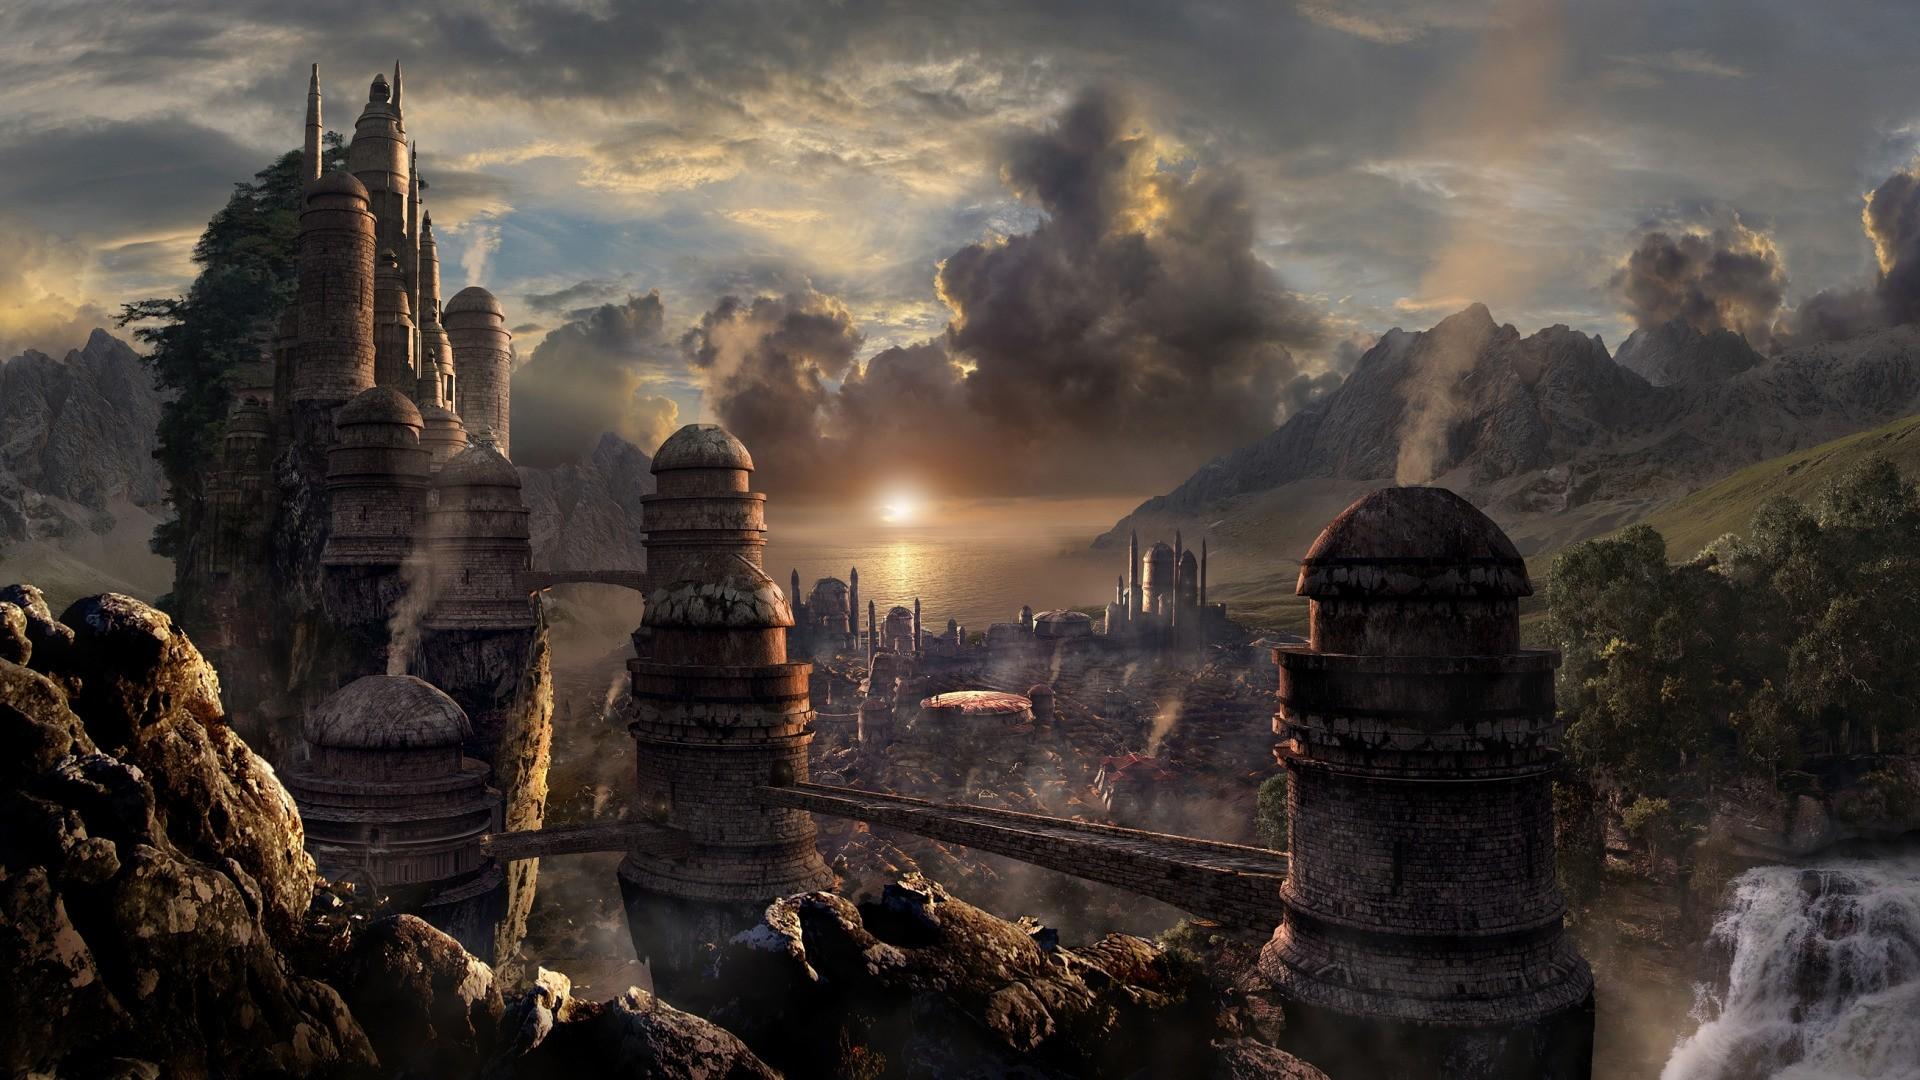 Elder Scrolls Wallpaper Picture hd